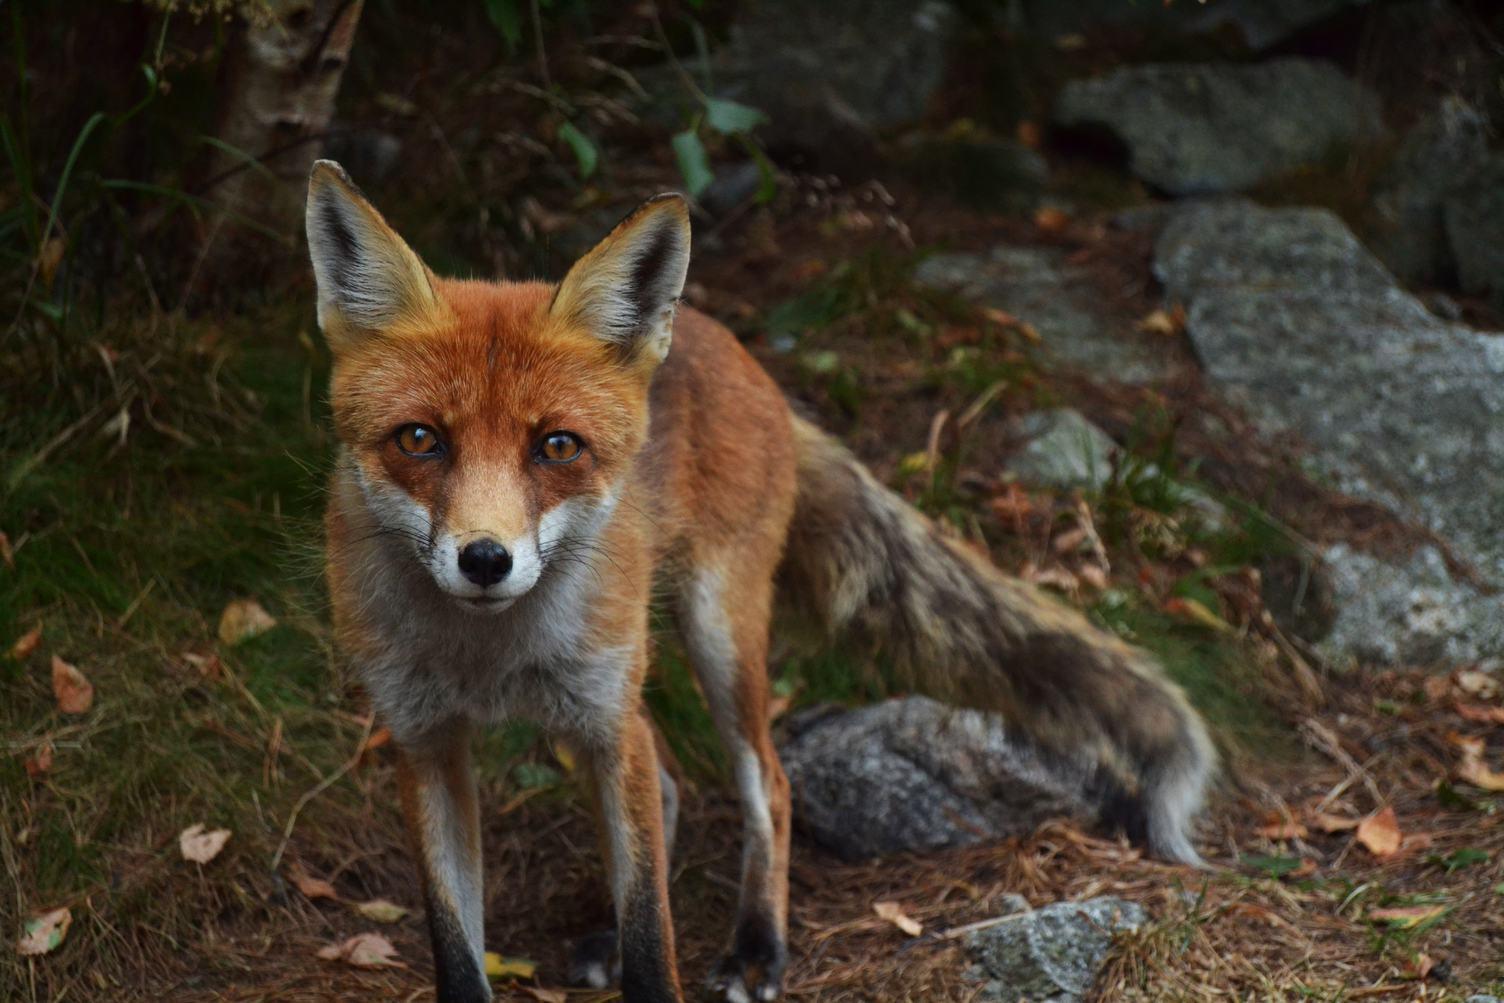 Redhead Fox with Piercing Gaze